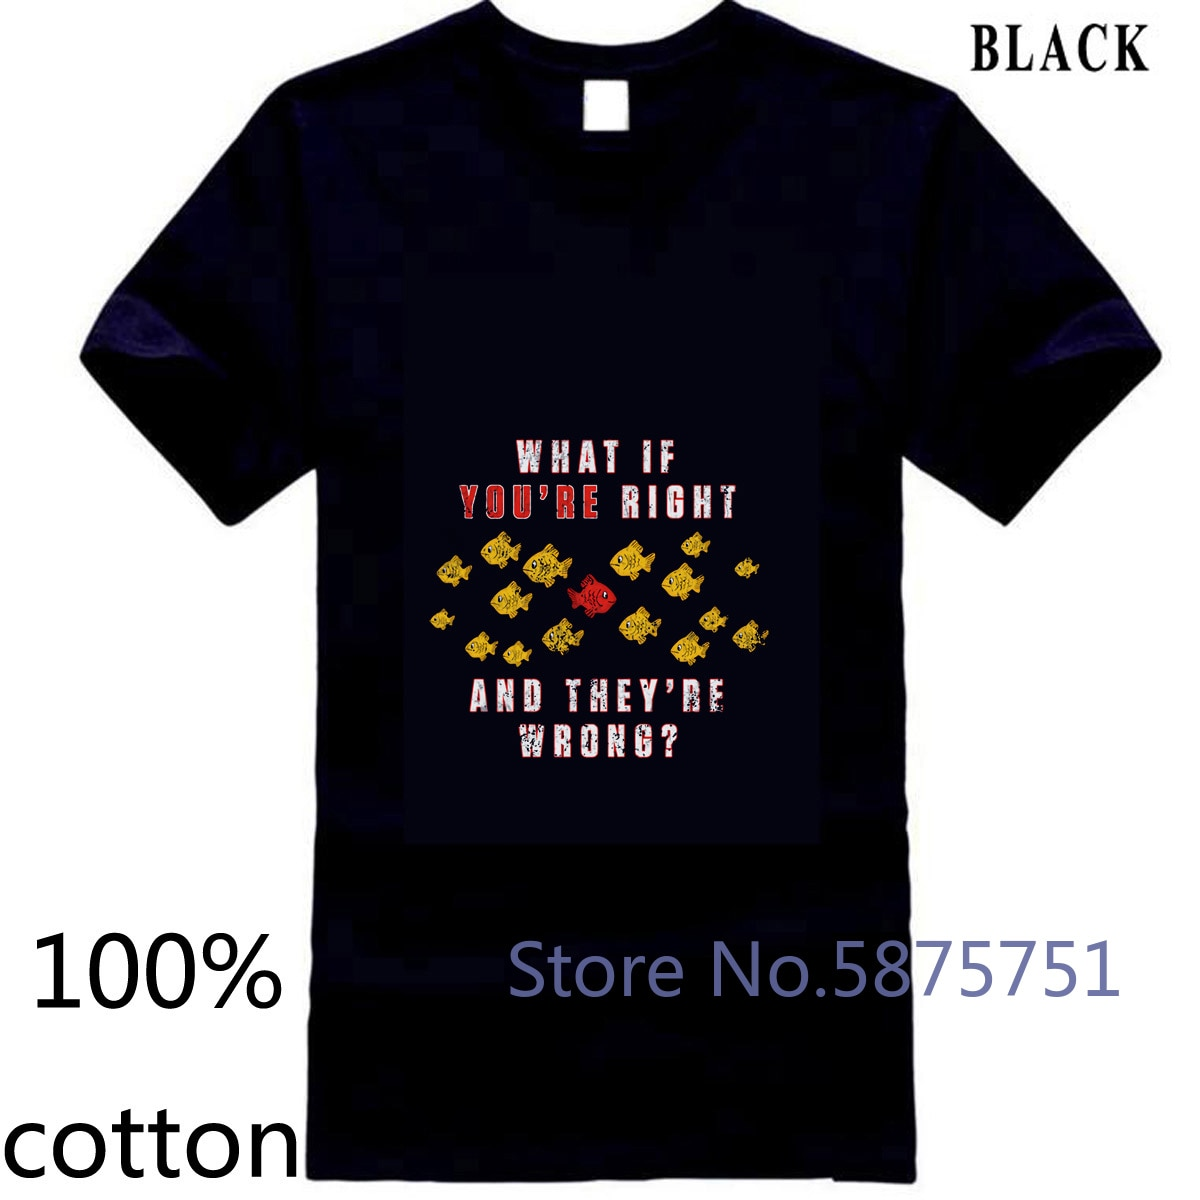 ¿Qué pasa si tienes razón y son incorrectos? -Coen TV película Fargo hombres camiseta para hombres camiseta tops camisetas 100% algodón Hombre